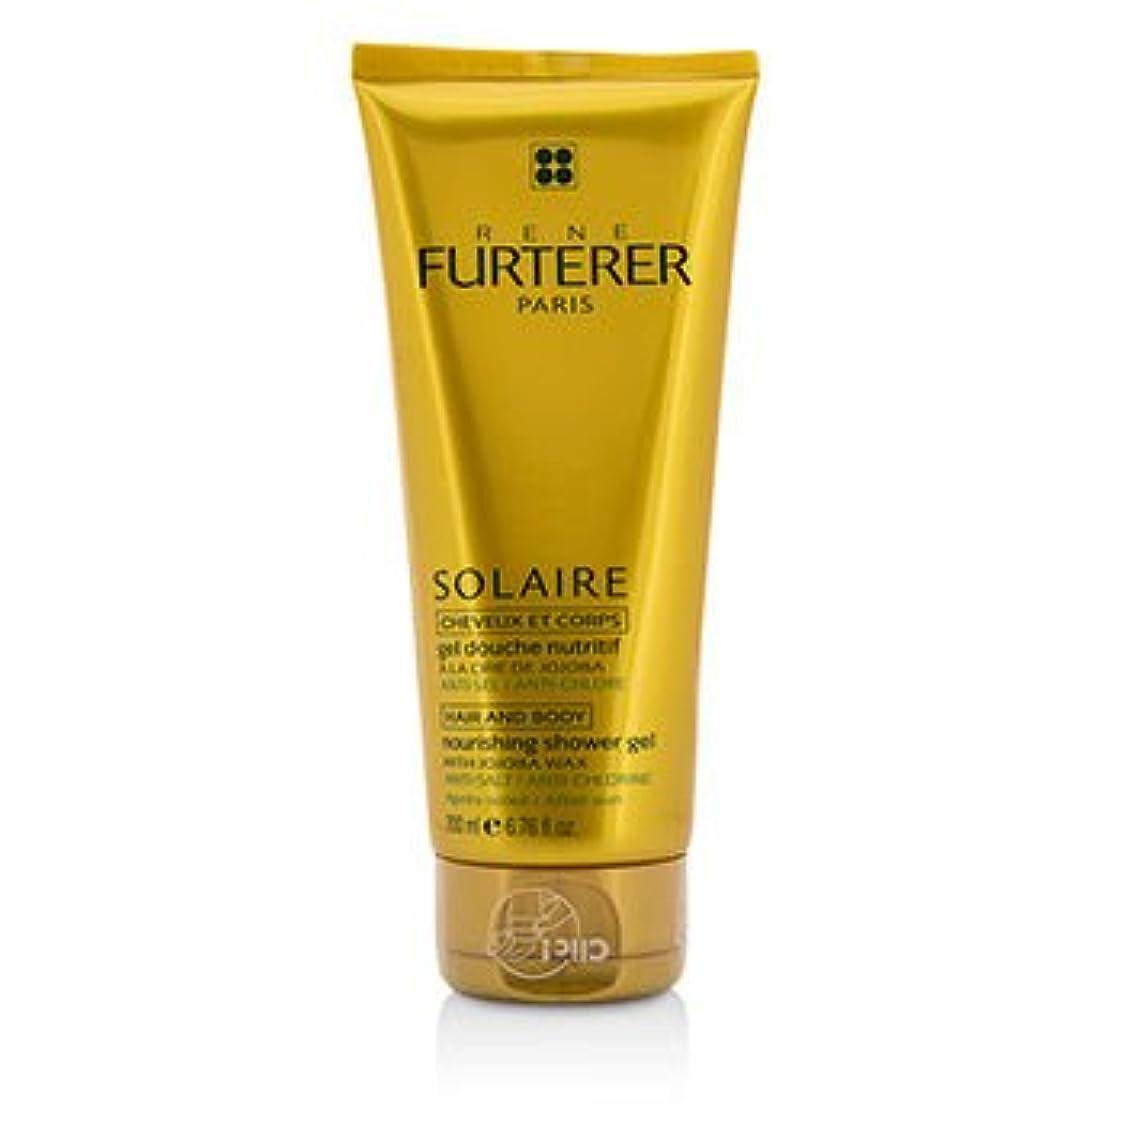 最悪辛なメロディー[Rene Furterer] Solaire Nourishing Shower Gel with Jojoba Wax (Hair and Body) 200ml/6.76oz